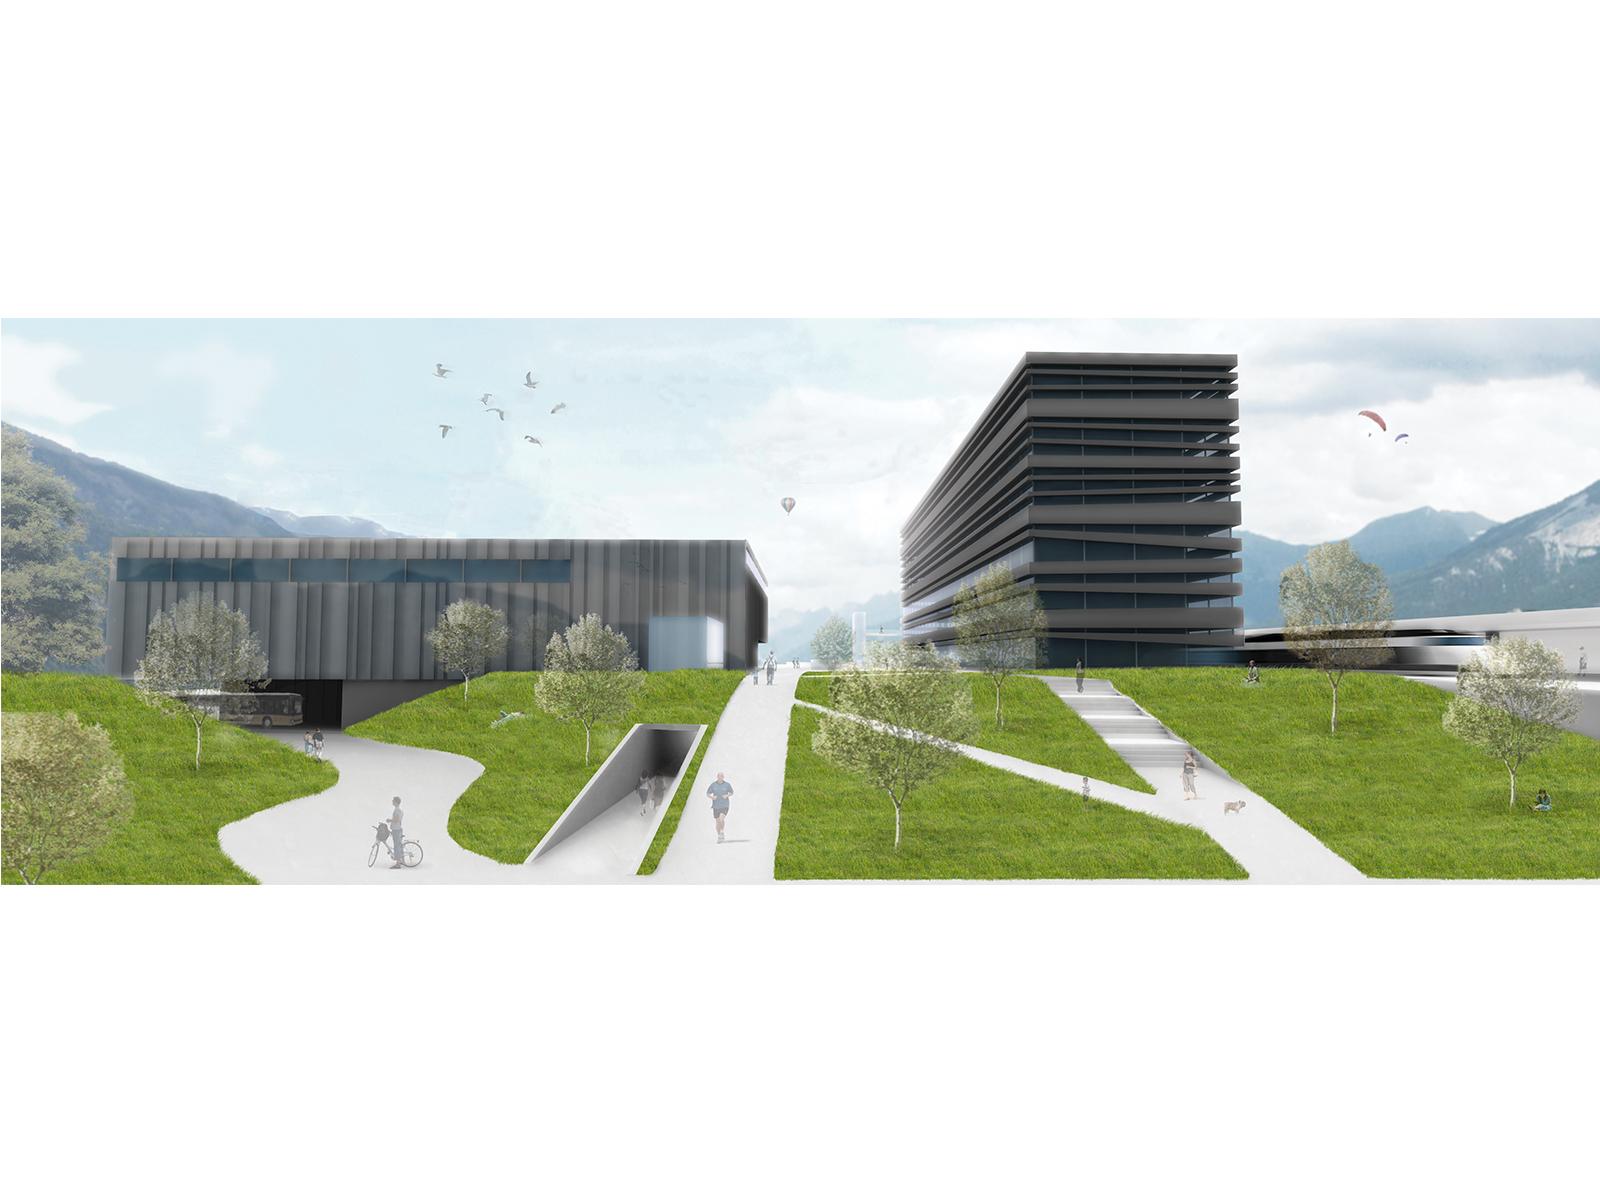 瑞士希尔南火车站综合楼  瑞士希尔